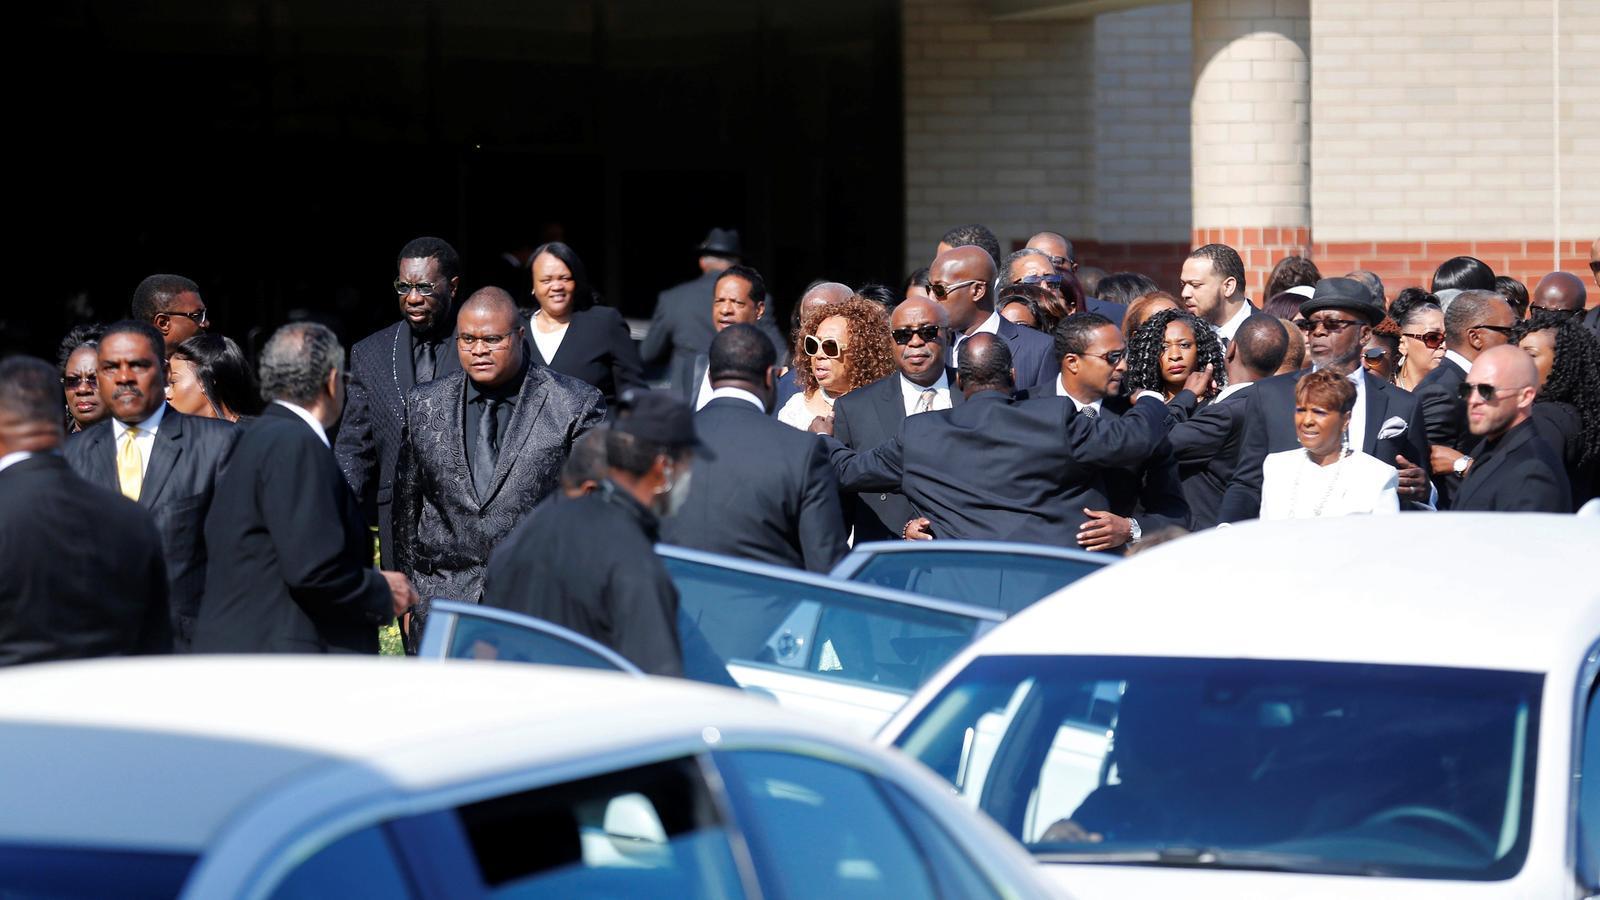 El funeral d'Aretha Franklin fa un homenatge a les seves arrels musicals